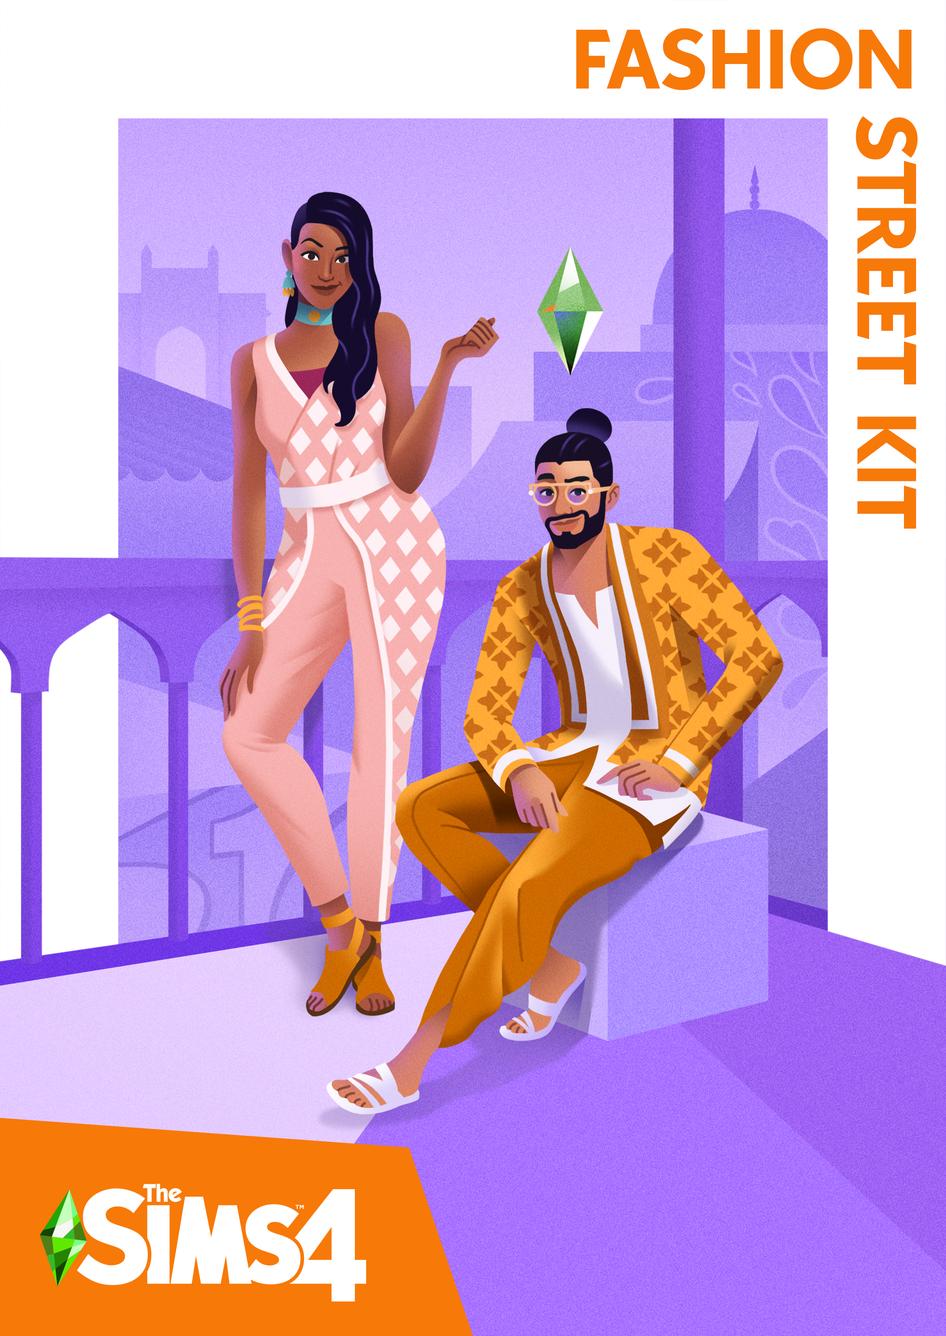 The Sims 4 Fashion Street Kit(ROW) - Origin